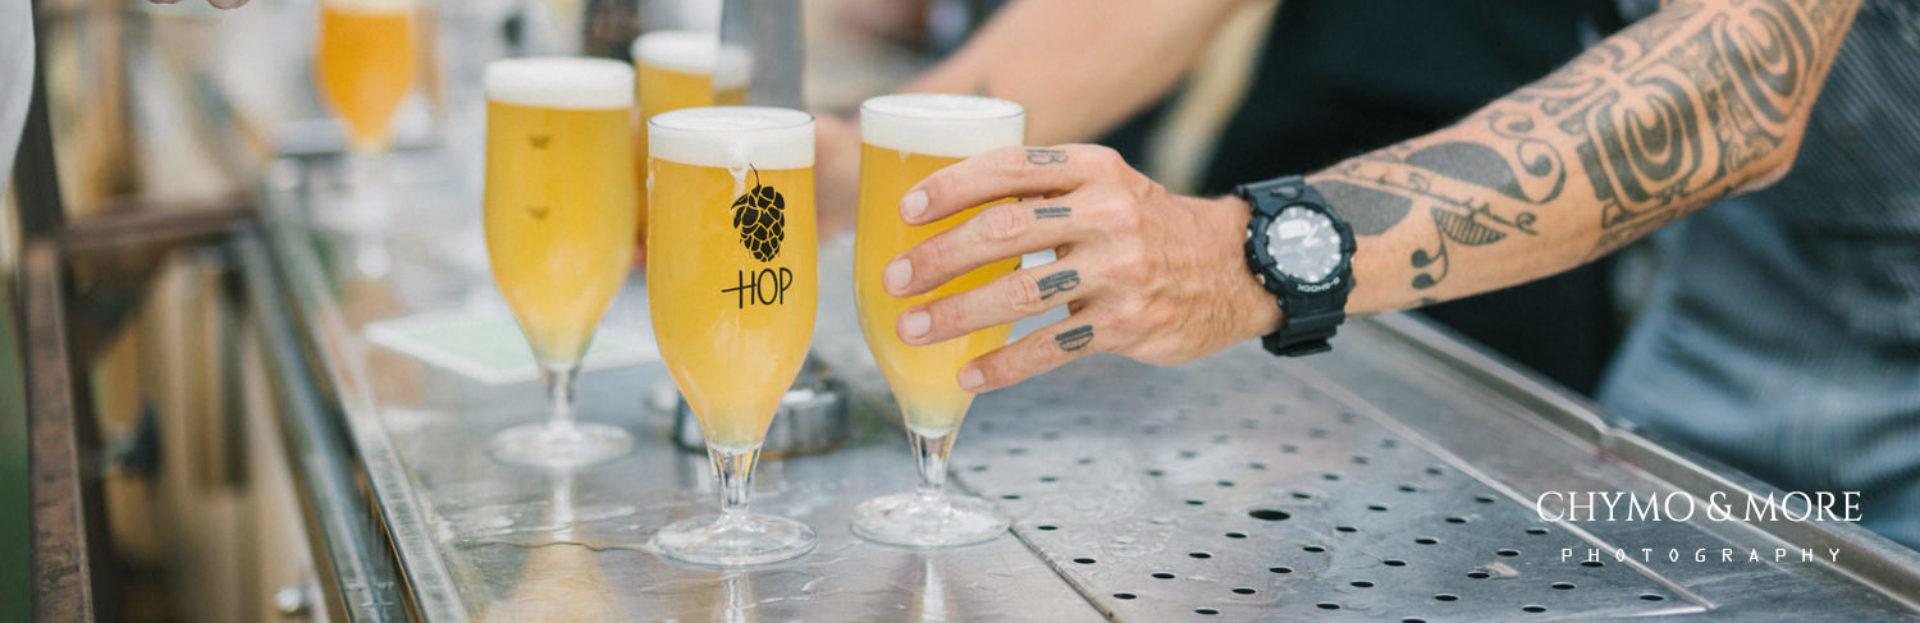 Bierfestival HOP